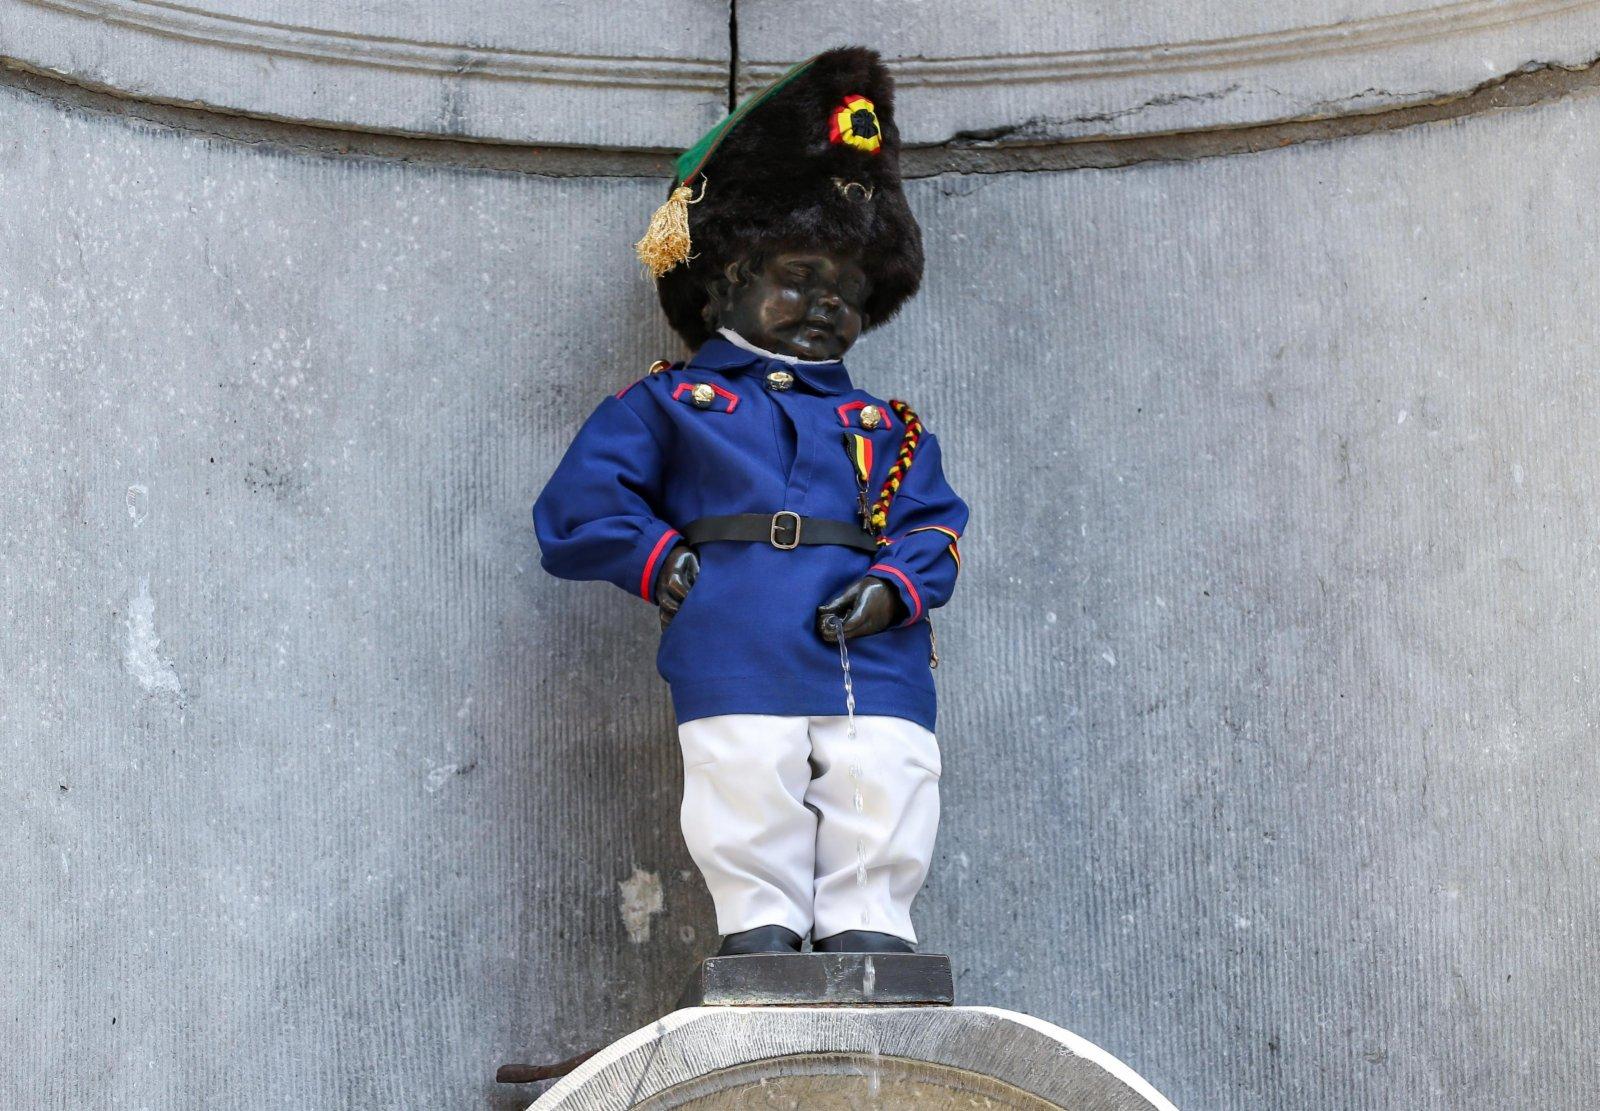 這是7月21日在比利時布魯塞爾拍攝的穿着比利時獨立戰爭志願軍服裝的「小尿童」雕像。(新華社)